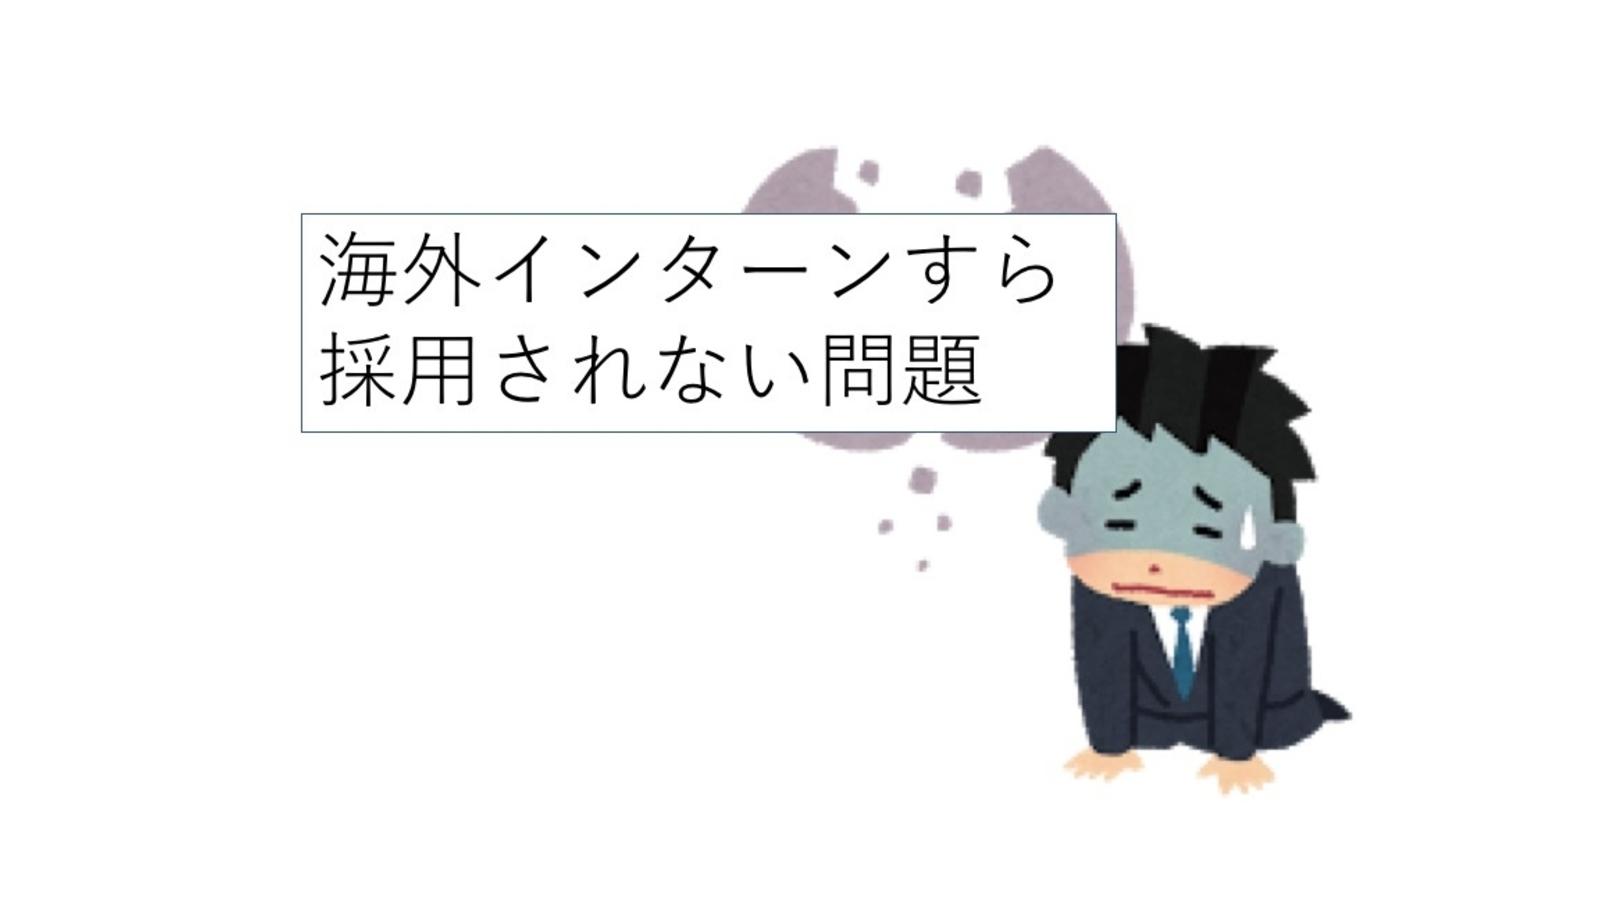 日本の大学生はなぜ海外のインターンシップすら採用されないのか?